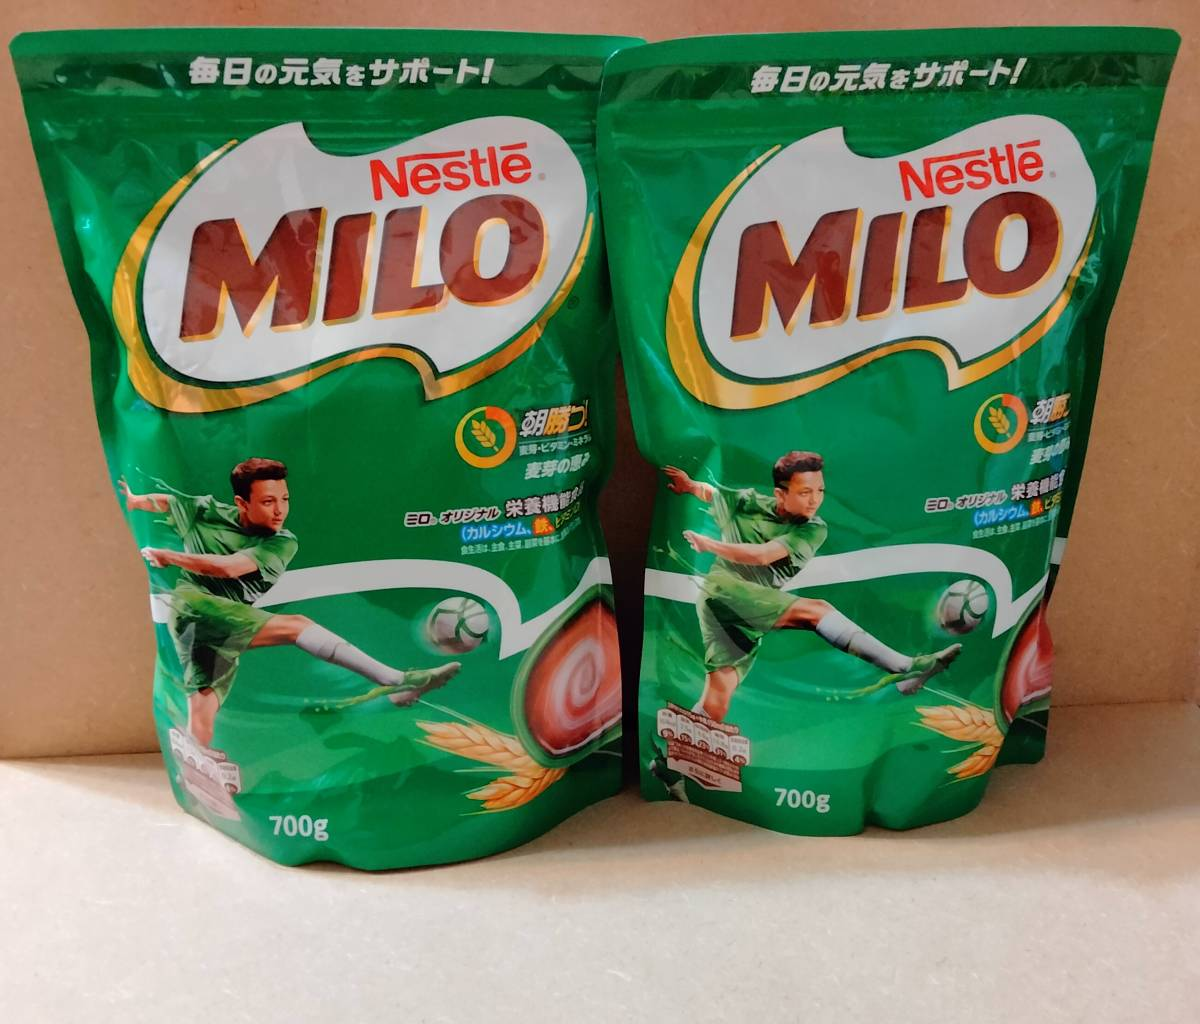 【送料無料】ネスレ ミロ / Nestle MILO 大容量700g x 2袋 2022年7月